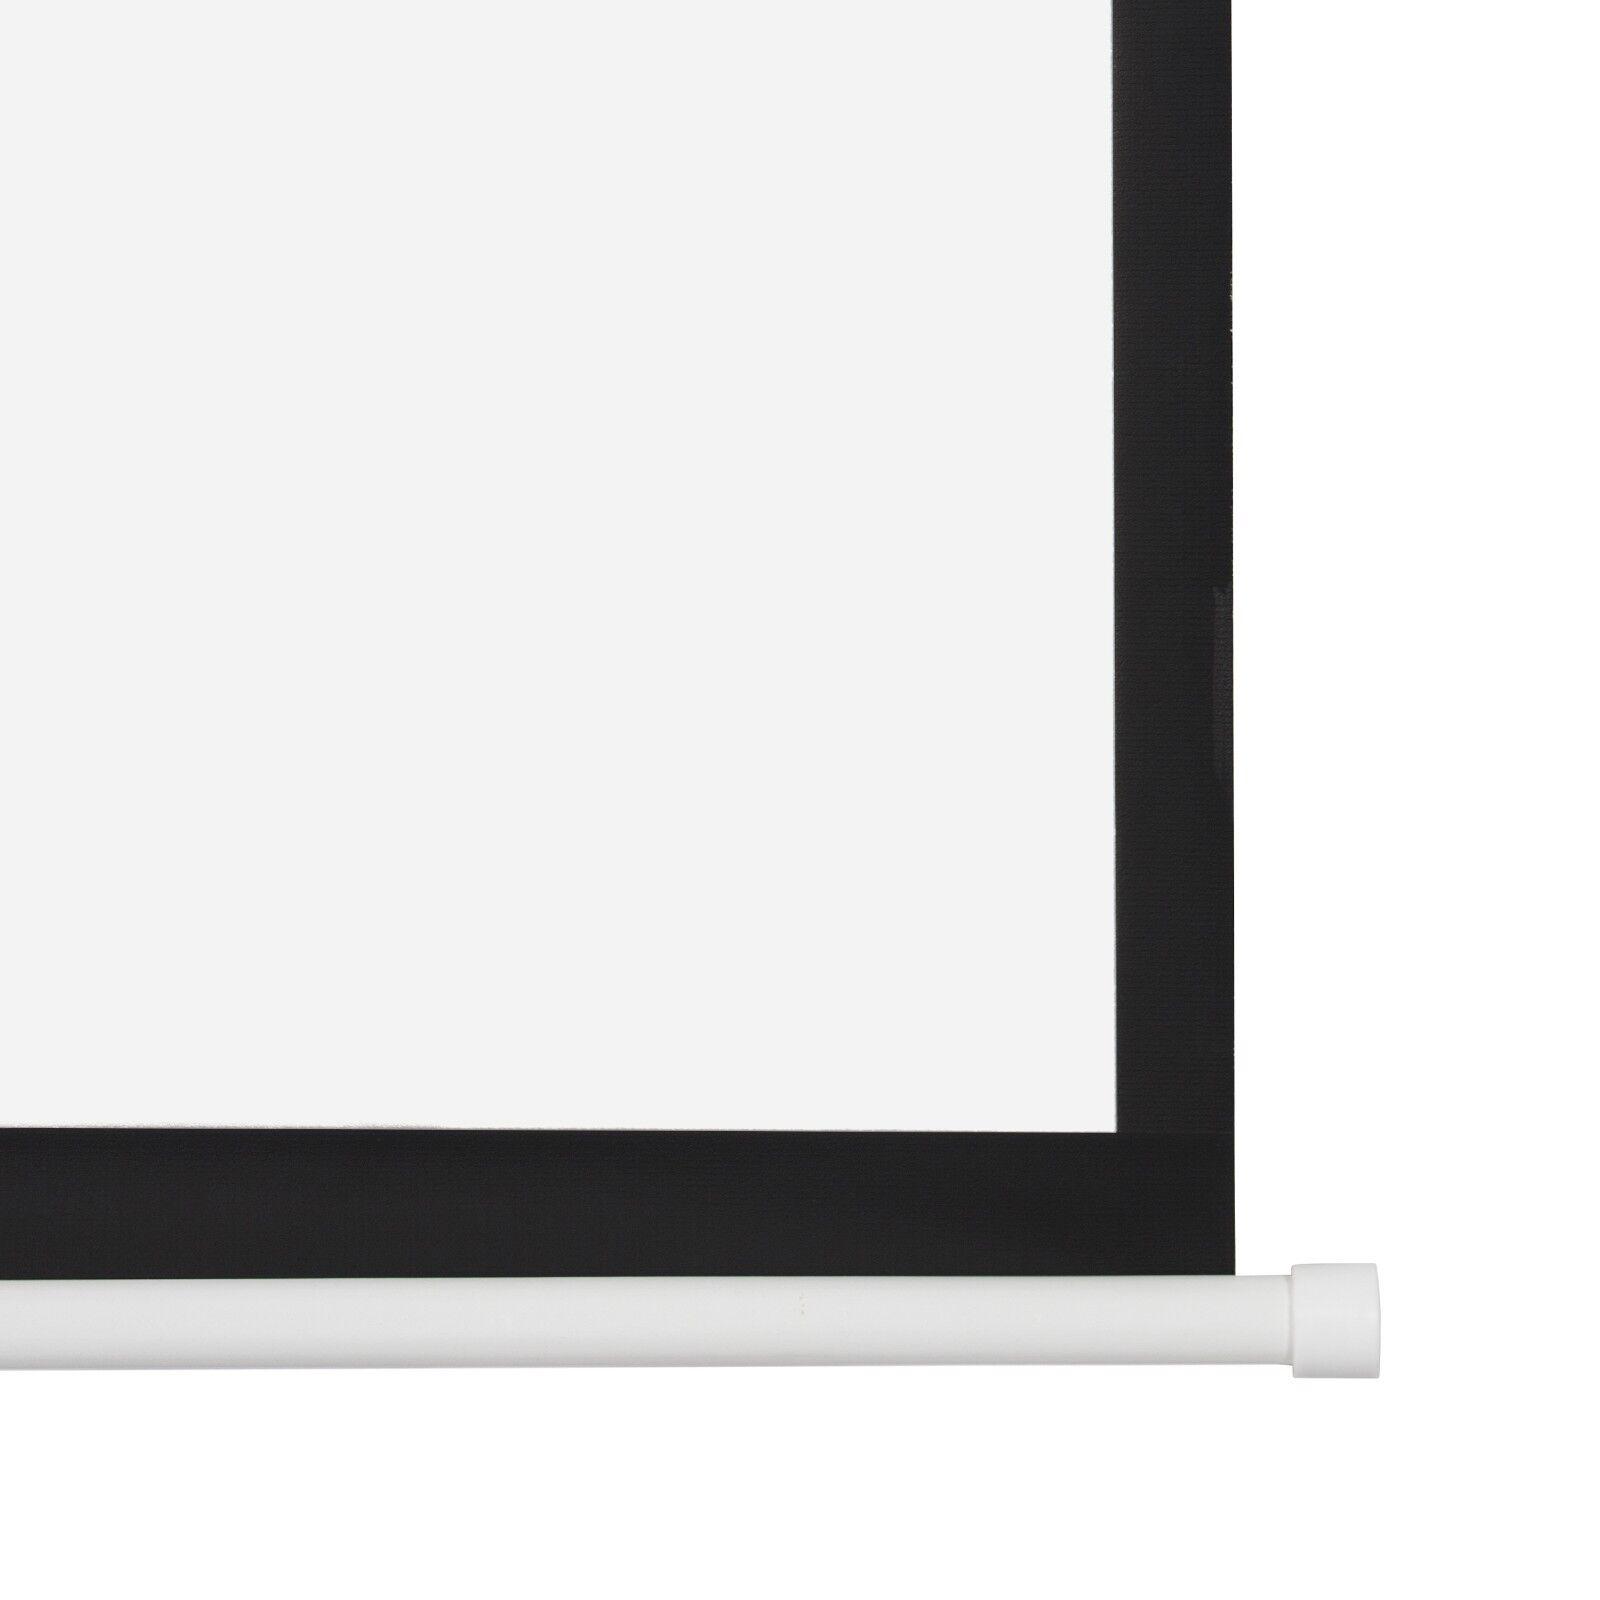 Heimkino Beamer Rollo Leinwand 240 x 180 cm 4:3 16:9 3D 4K Full HD LCD DLP LED